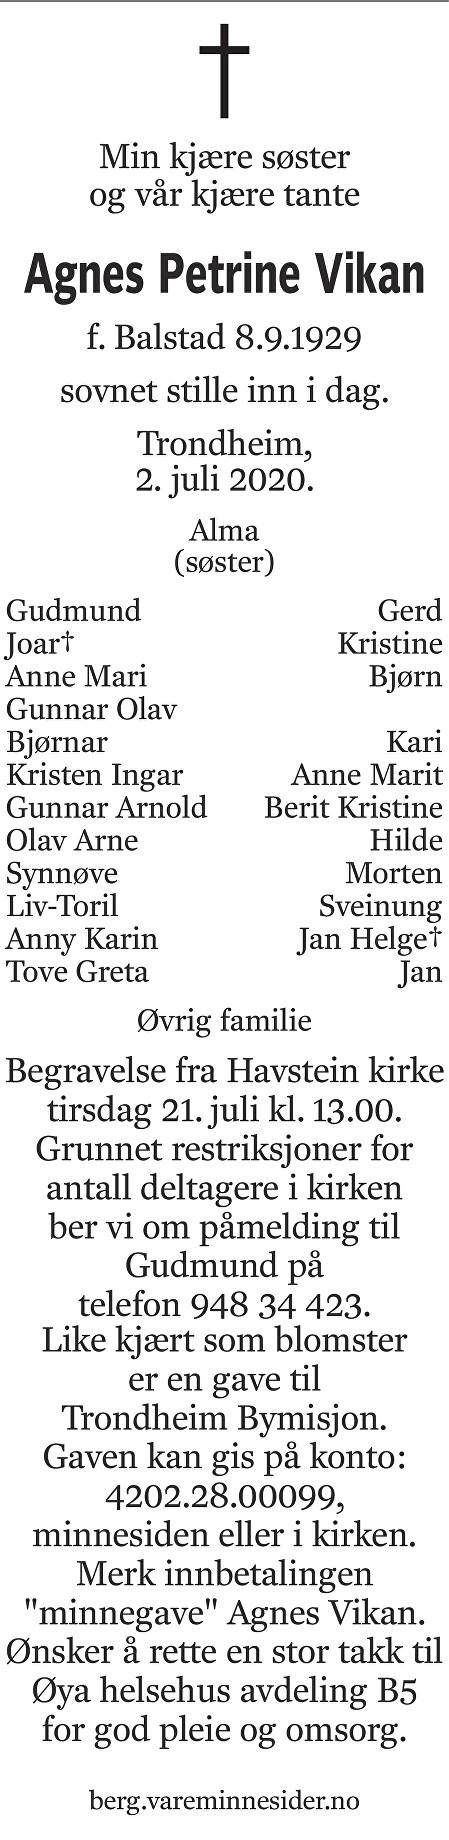 Agnes Petrine Vikan Dødsannonse